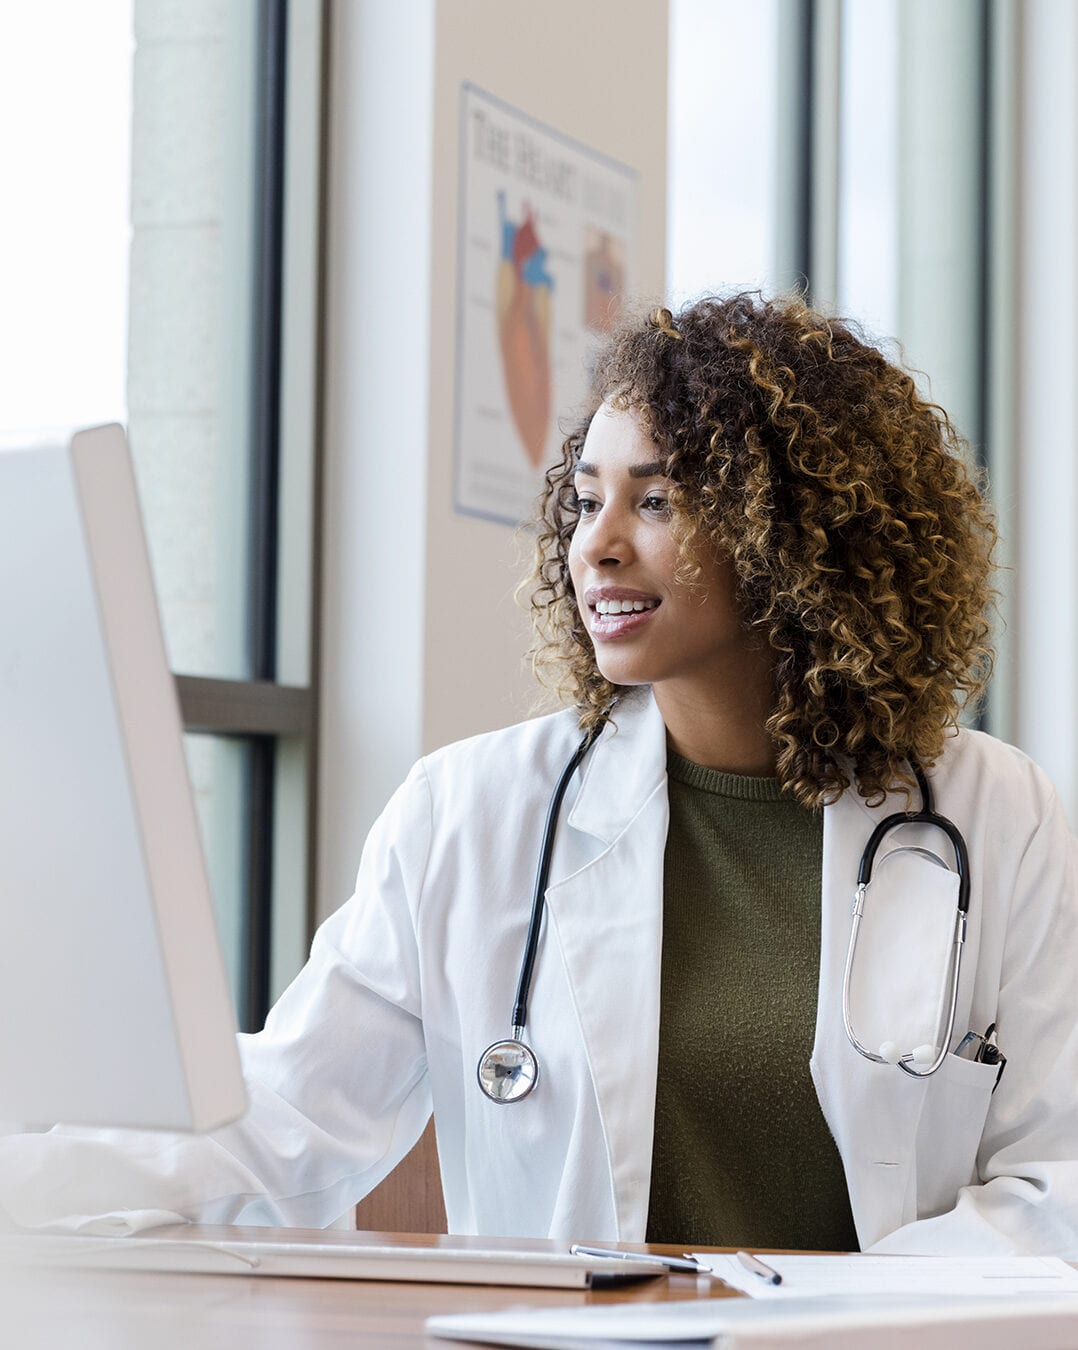 Doctor reviews patient records on desktop PC